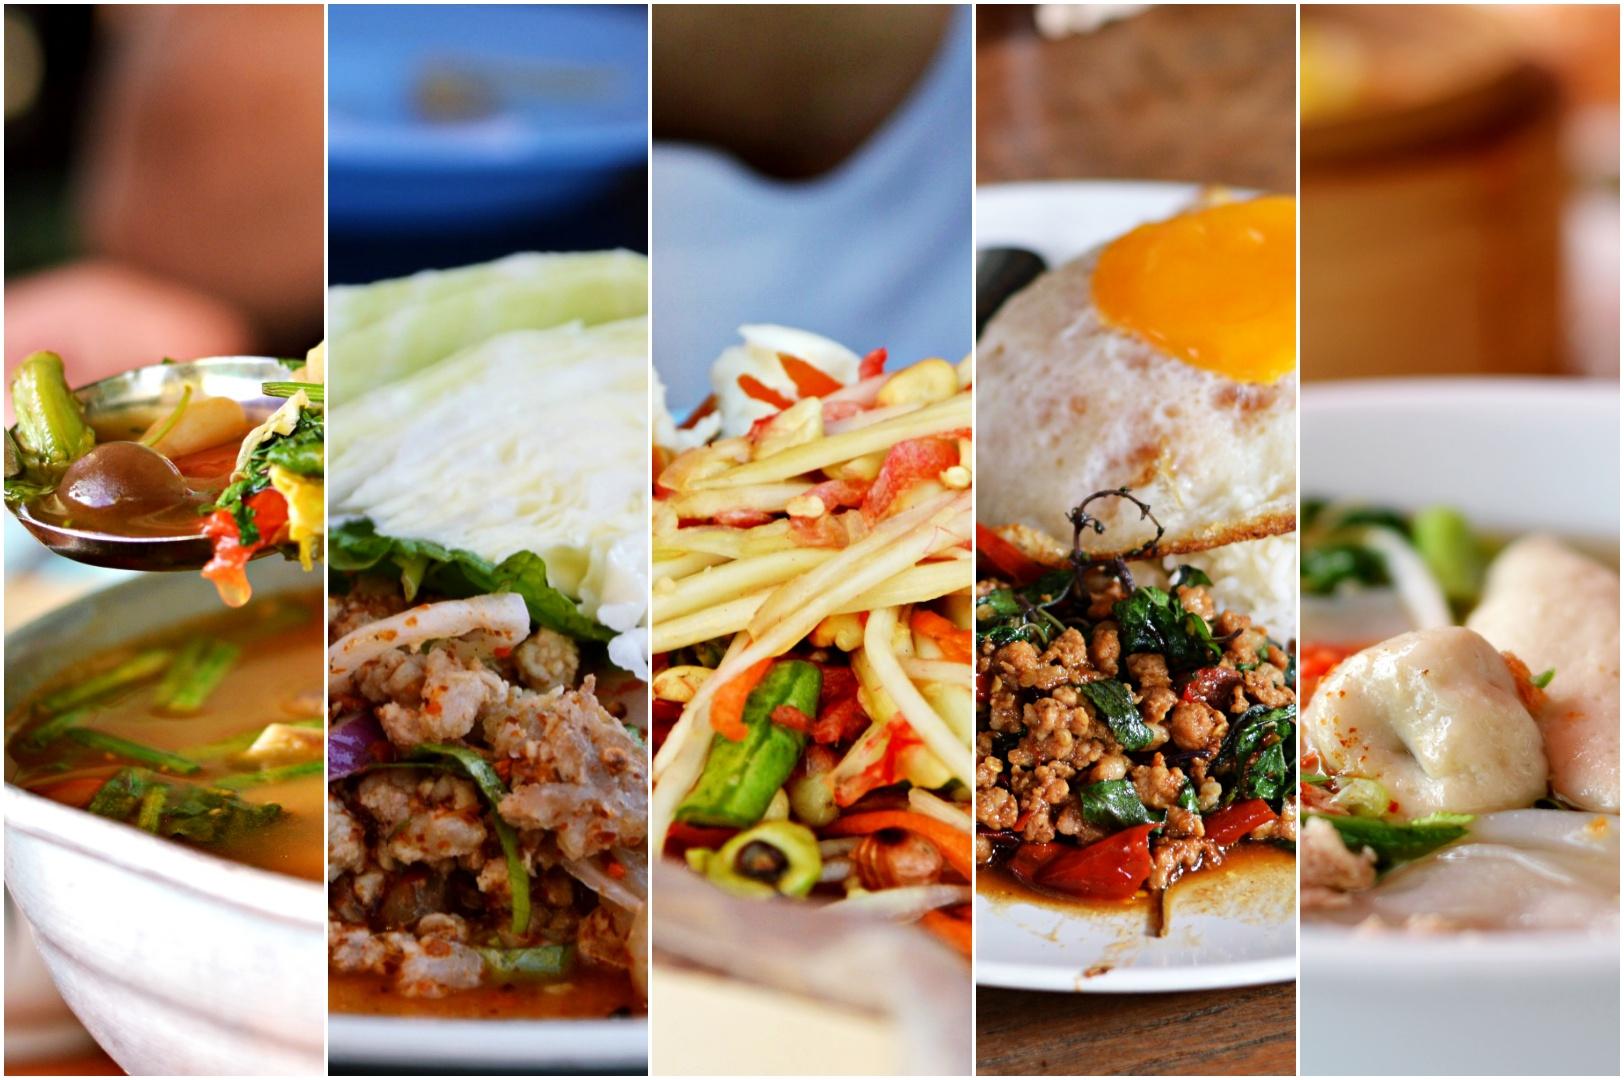 Das musst du in Thailand essen - Top 5 | www.dearlicious.com